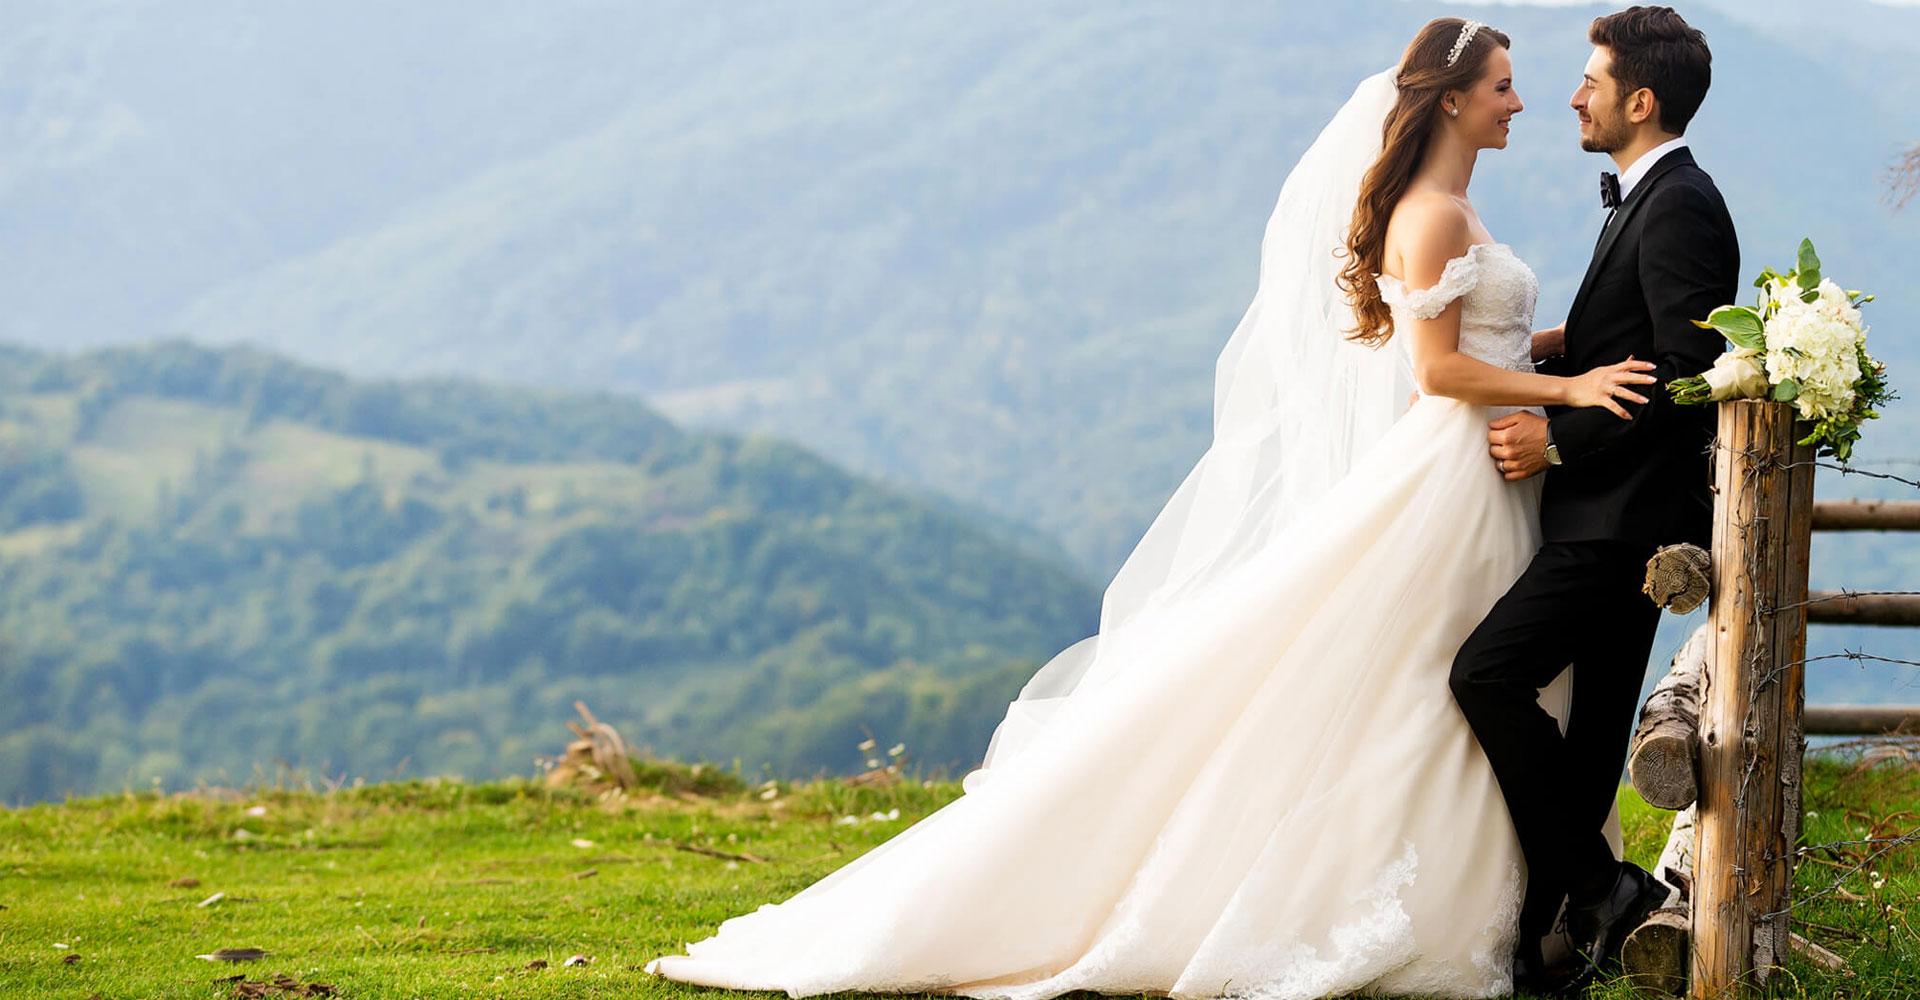 Vrei sa iti transformi nunta intr-o amintire memorabila?